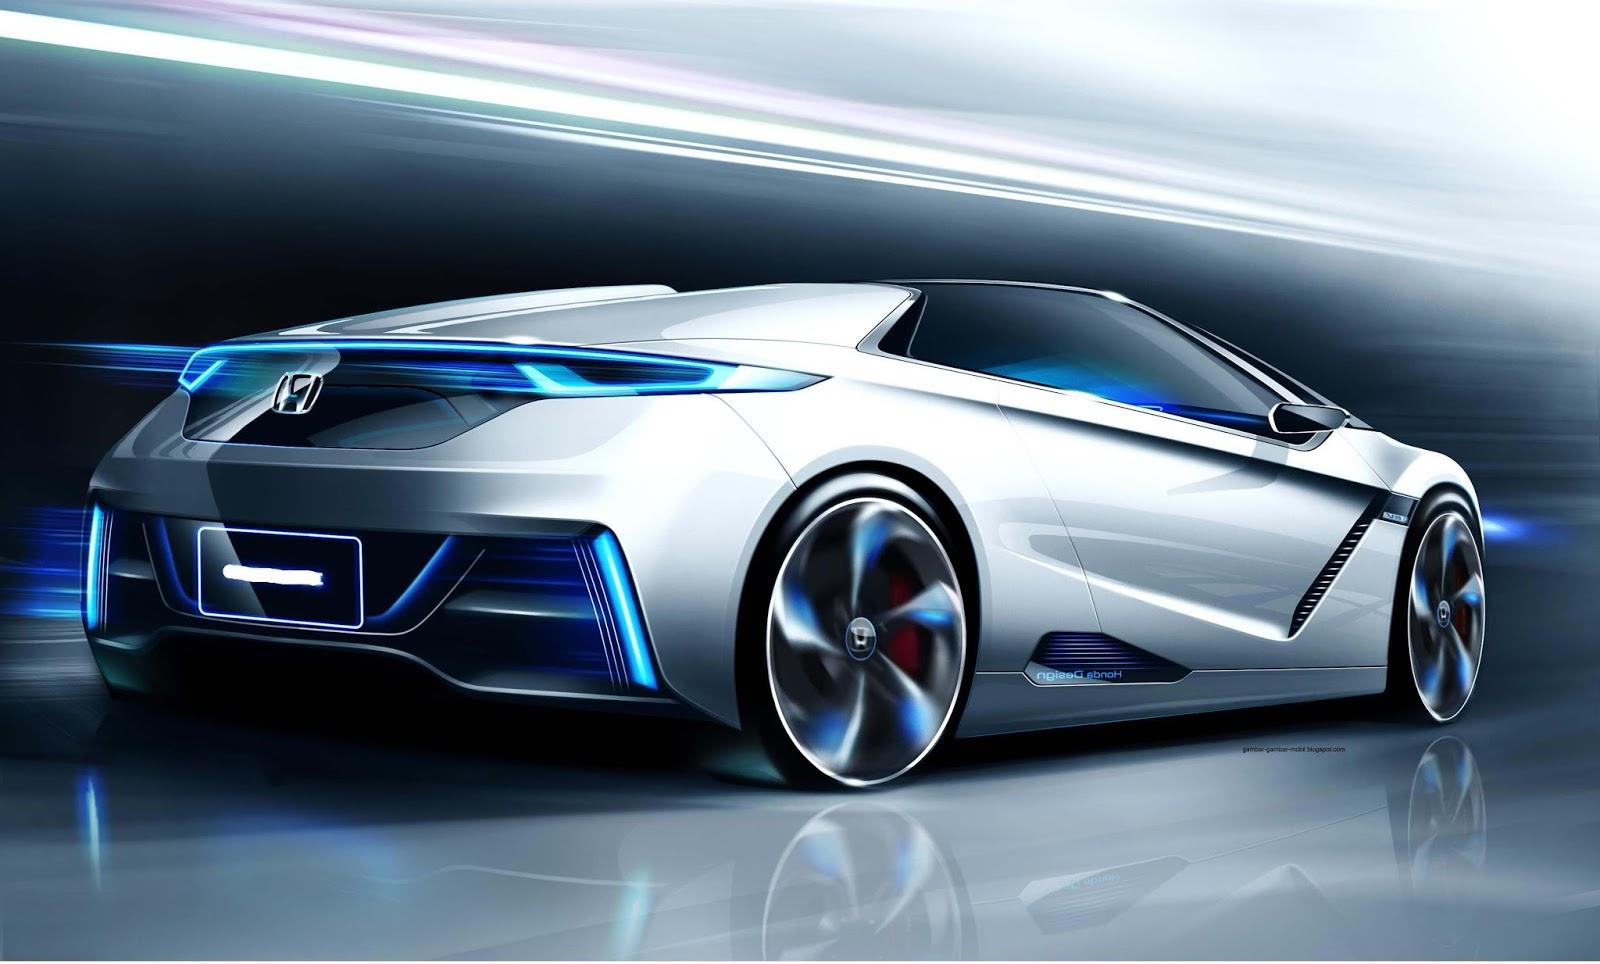 Gambar Mobil Sport Dan Keunggulan Mobil Sport  Gambar